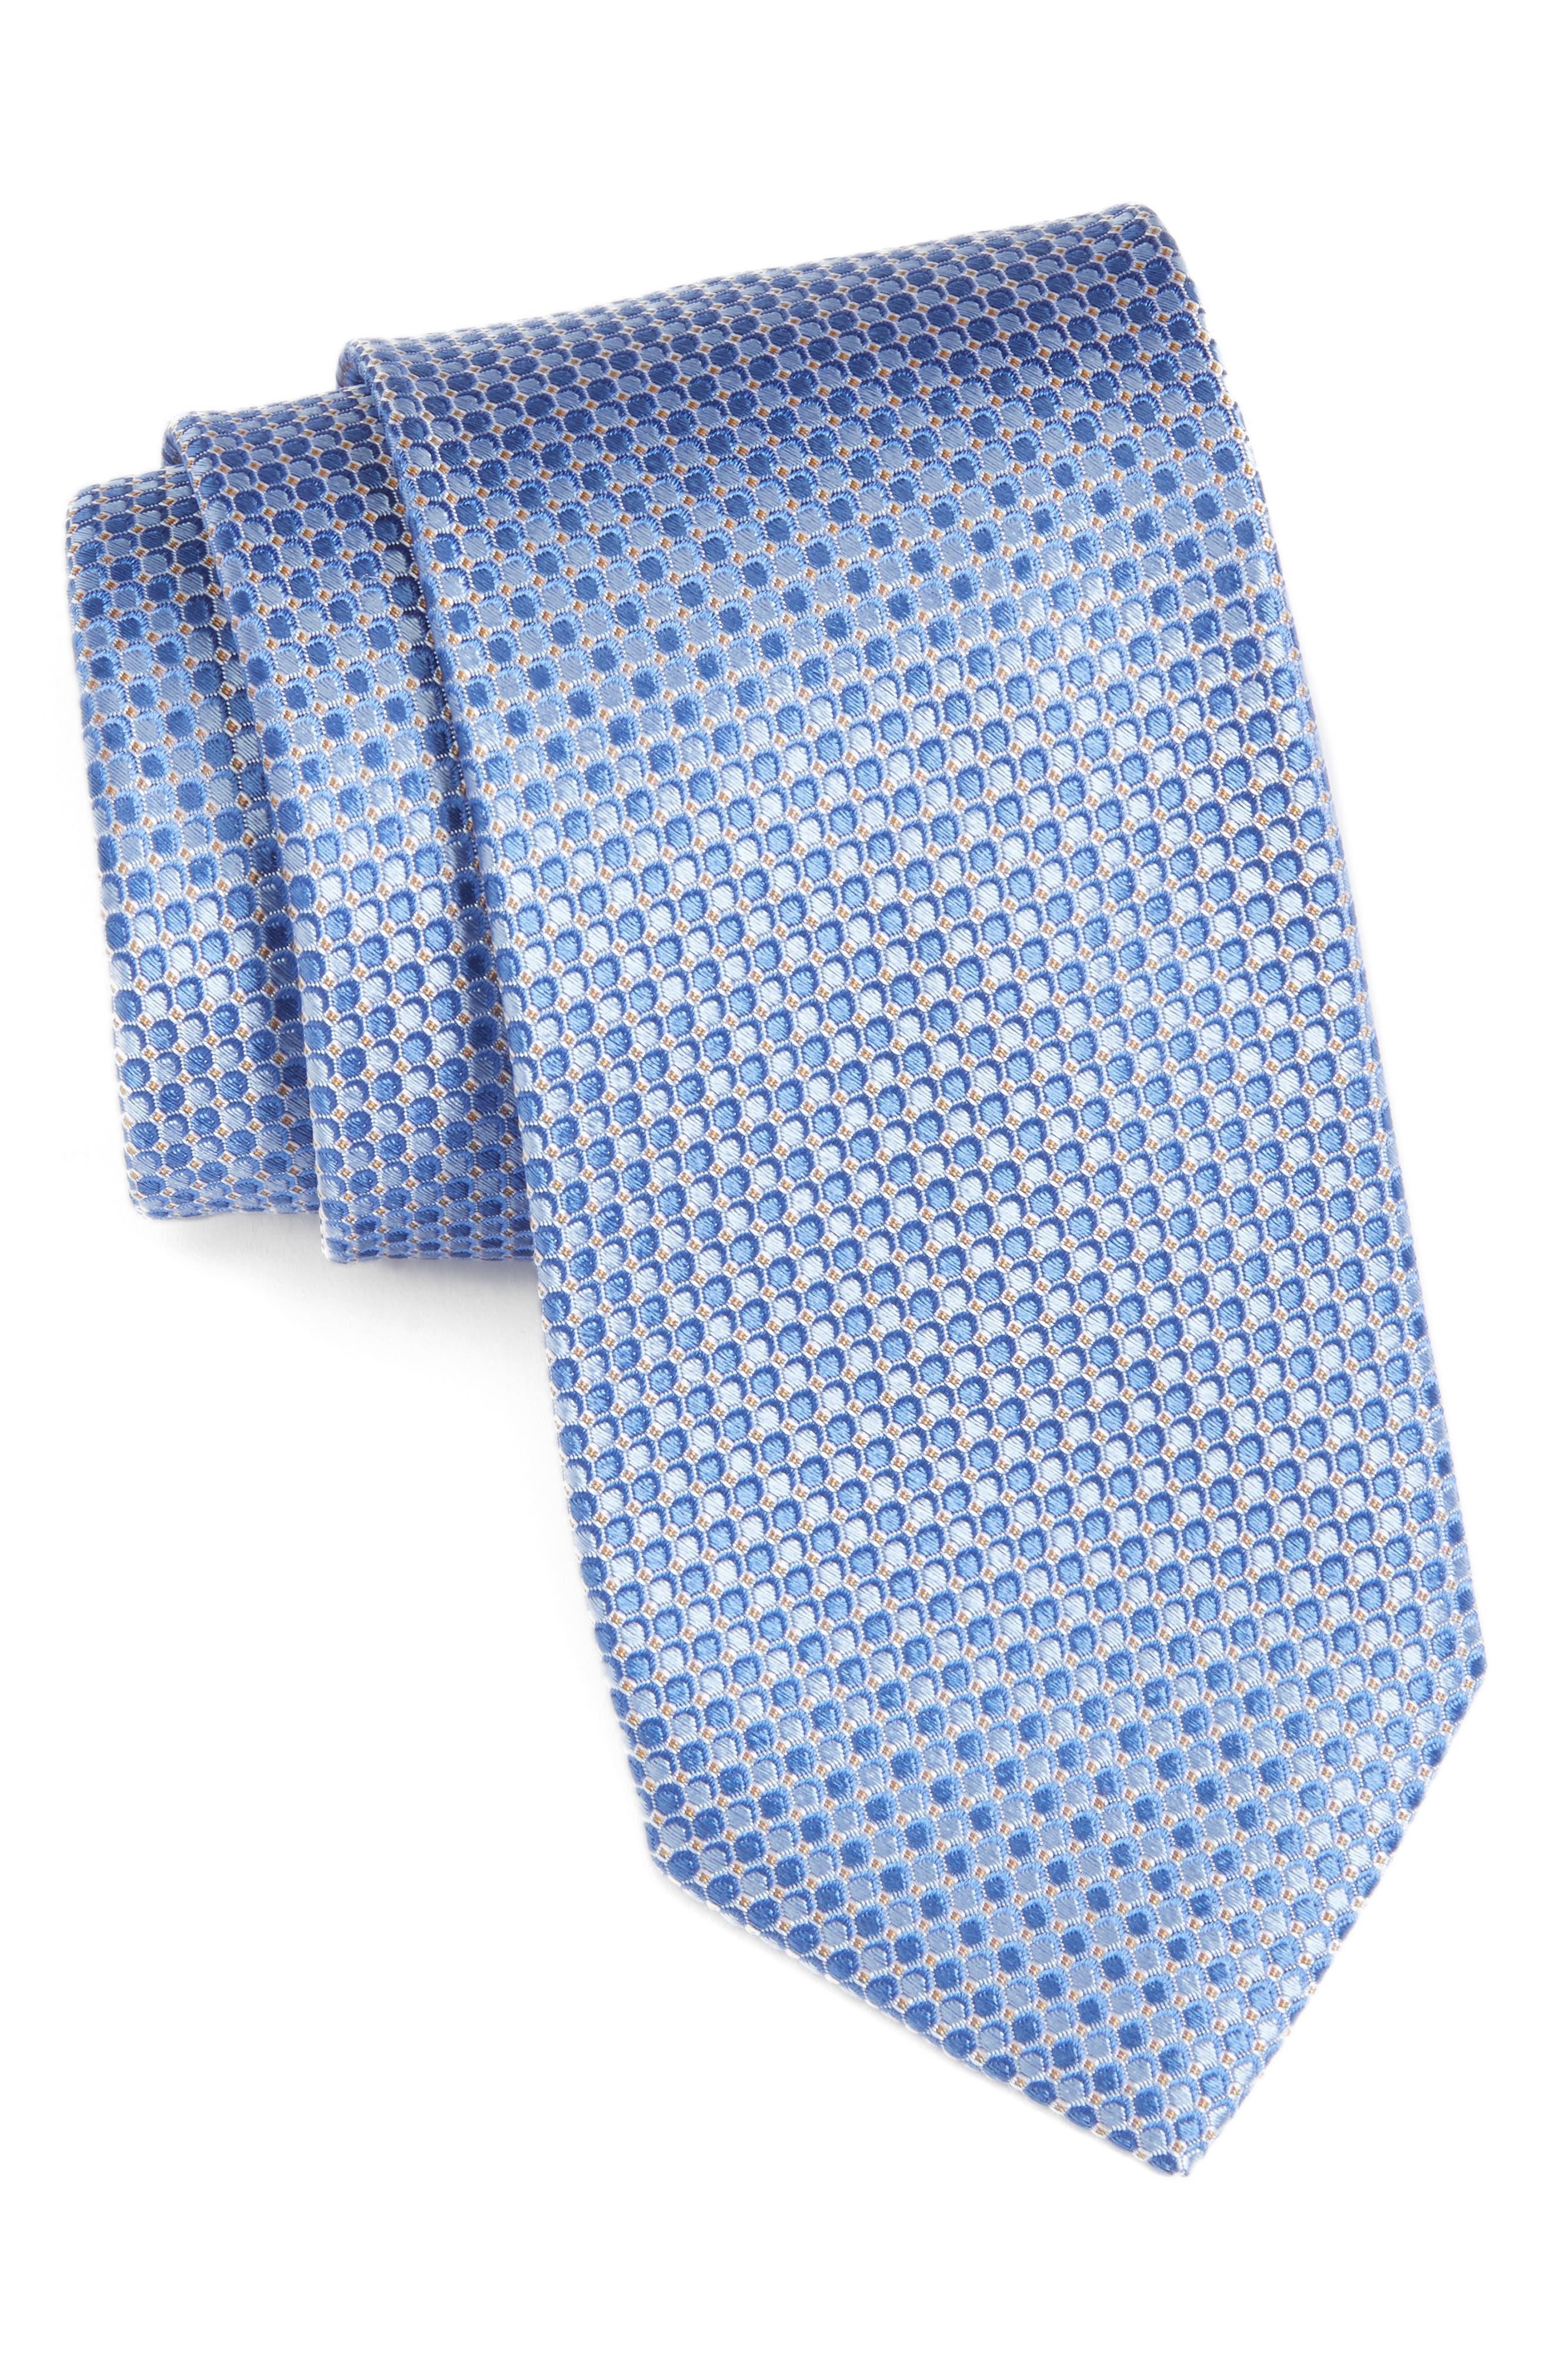 Alghero Micro Silk Tie,                         Main,                         color, 455